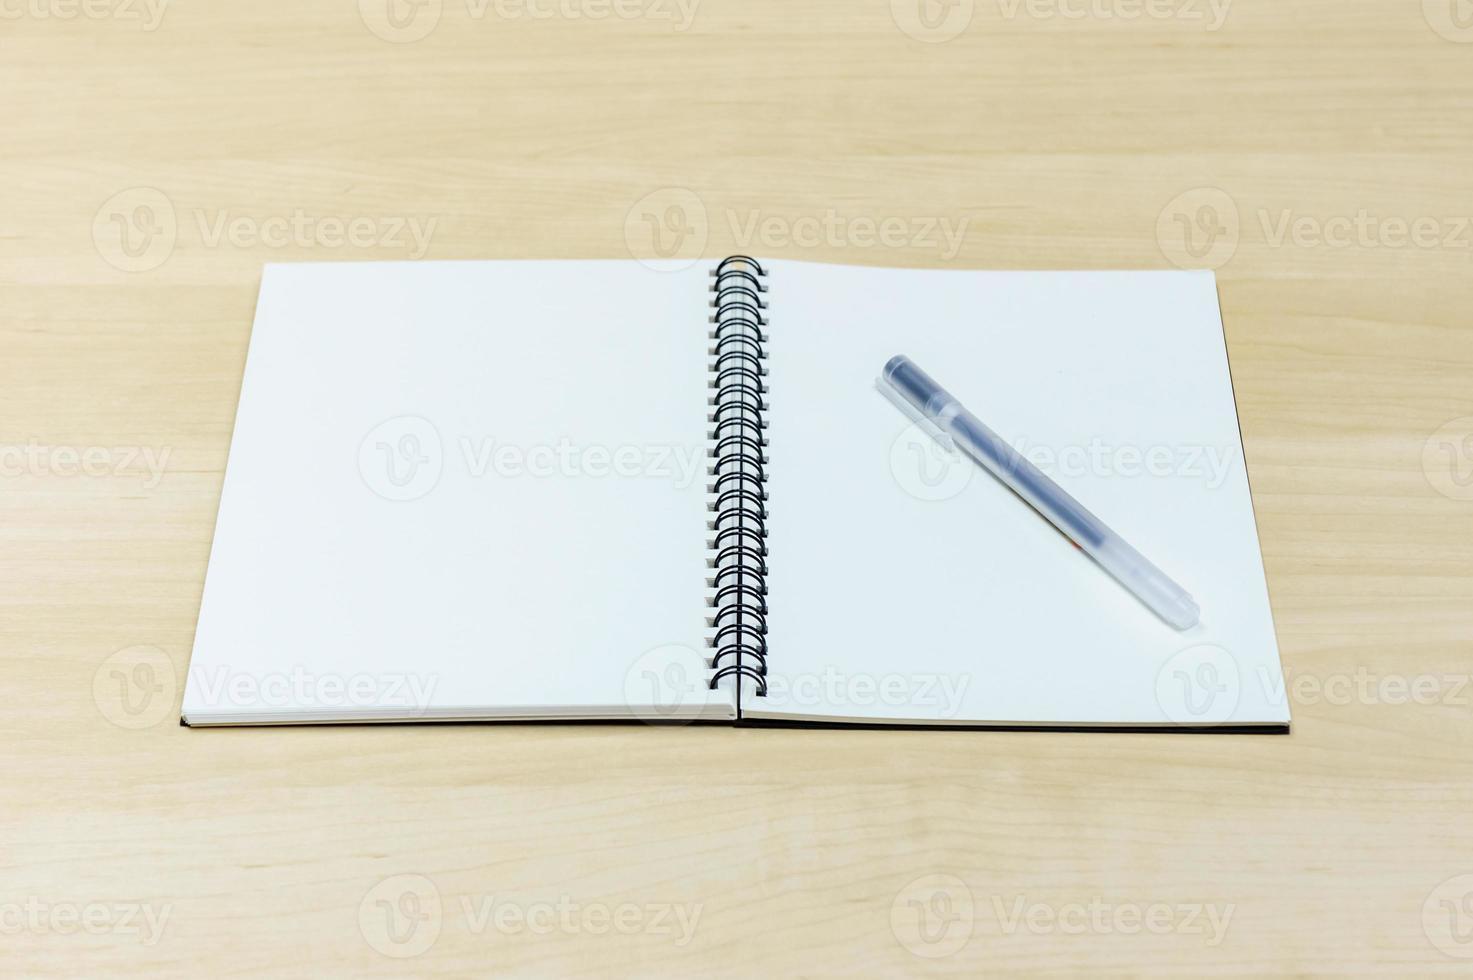 stylo et cahier sur un bureau en bois photo